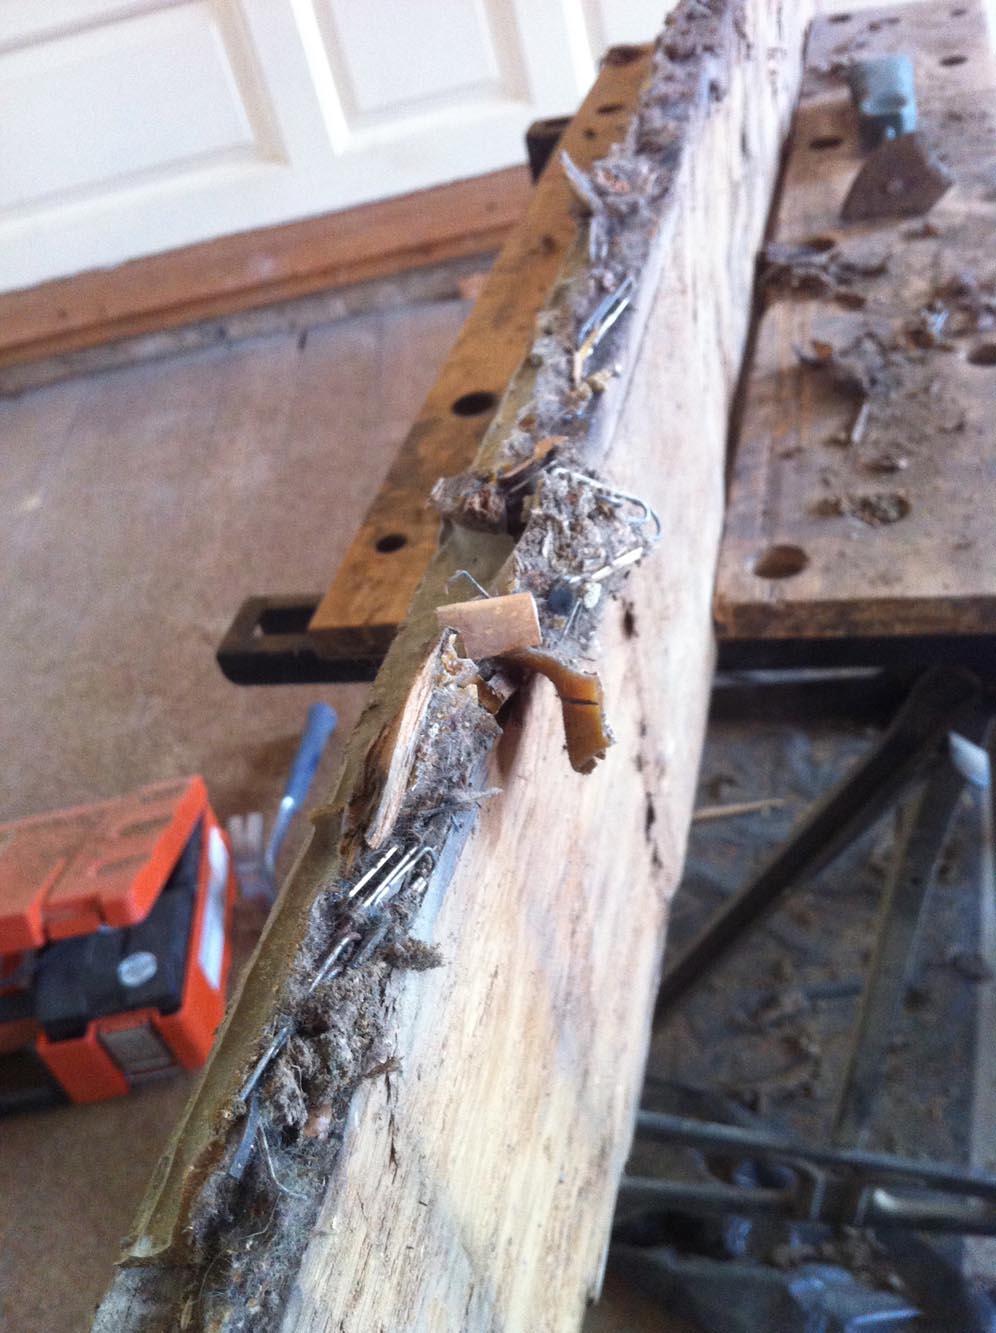 Showing debris found in between the gaps in the oak floor boards